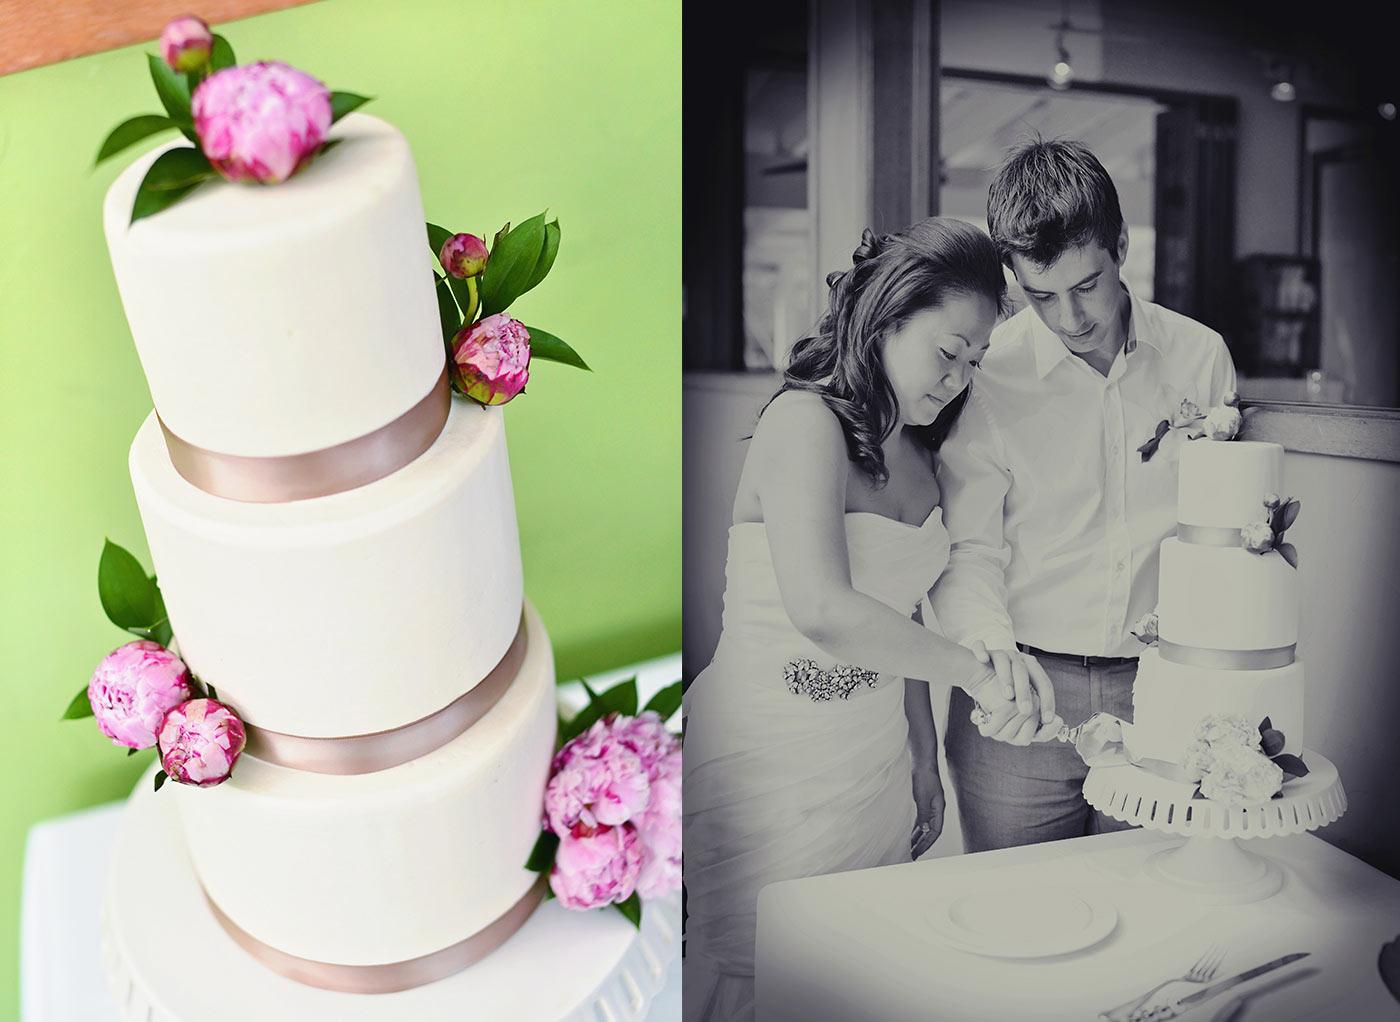 Kauai-Island-Hawaii-wedding-photo-(77).jpg